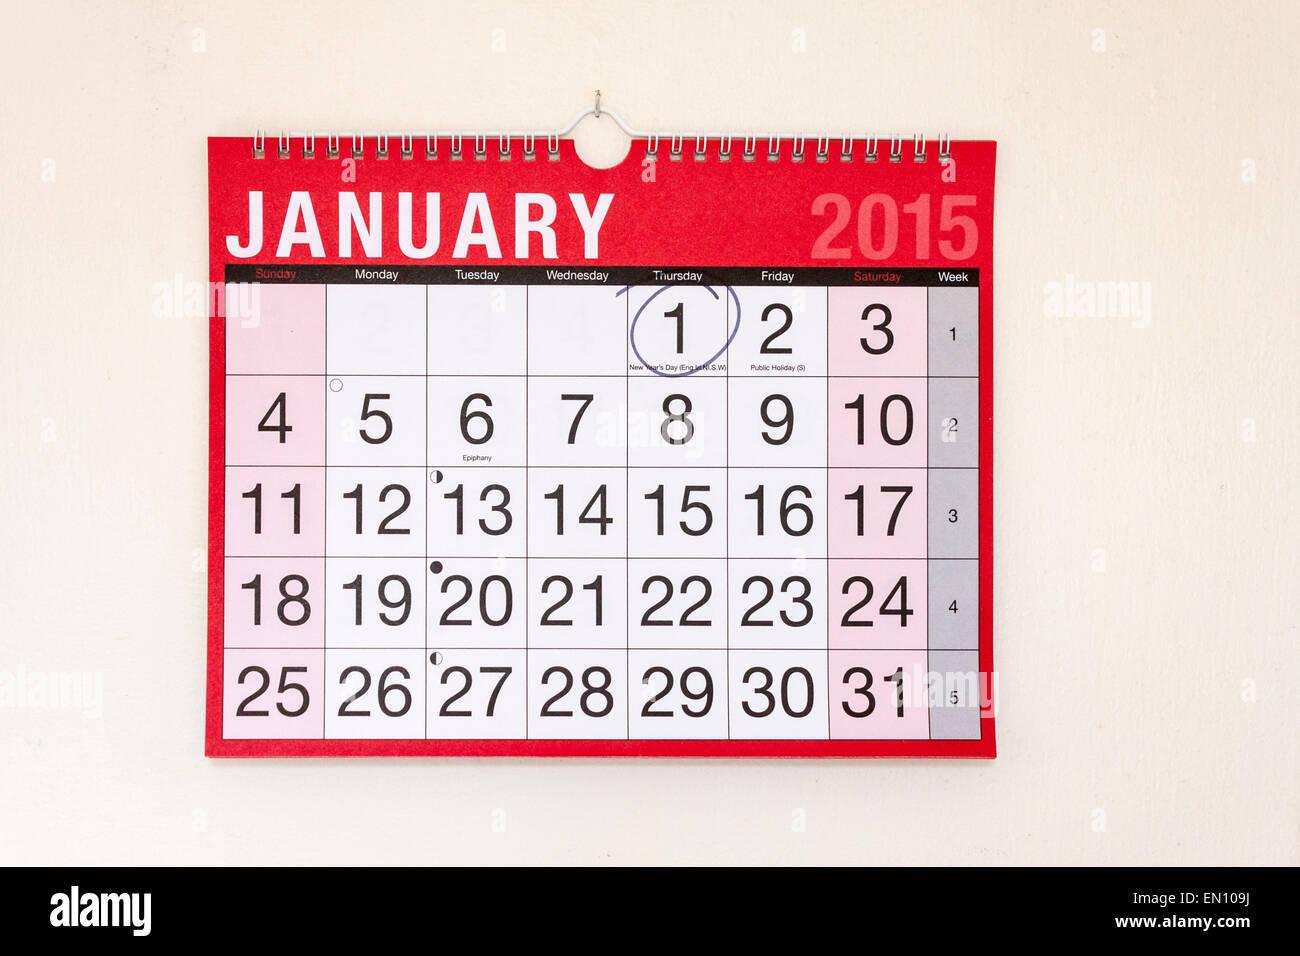 Calendario Anno 2015 Mensile.Parete Mensile Calendario Gennaio 2015 Primo Giorno Del